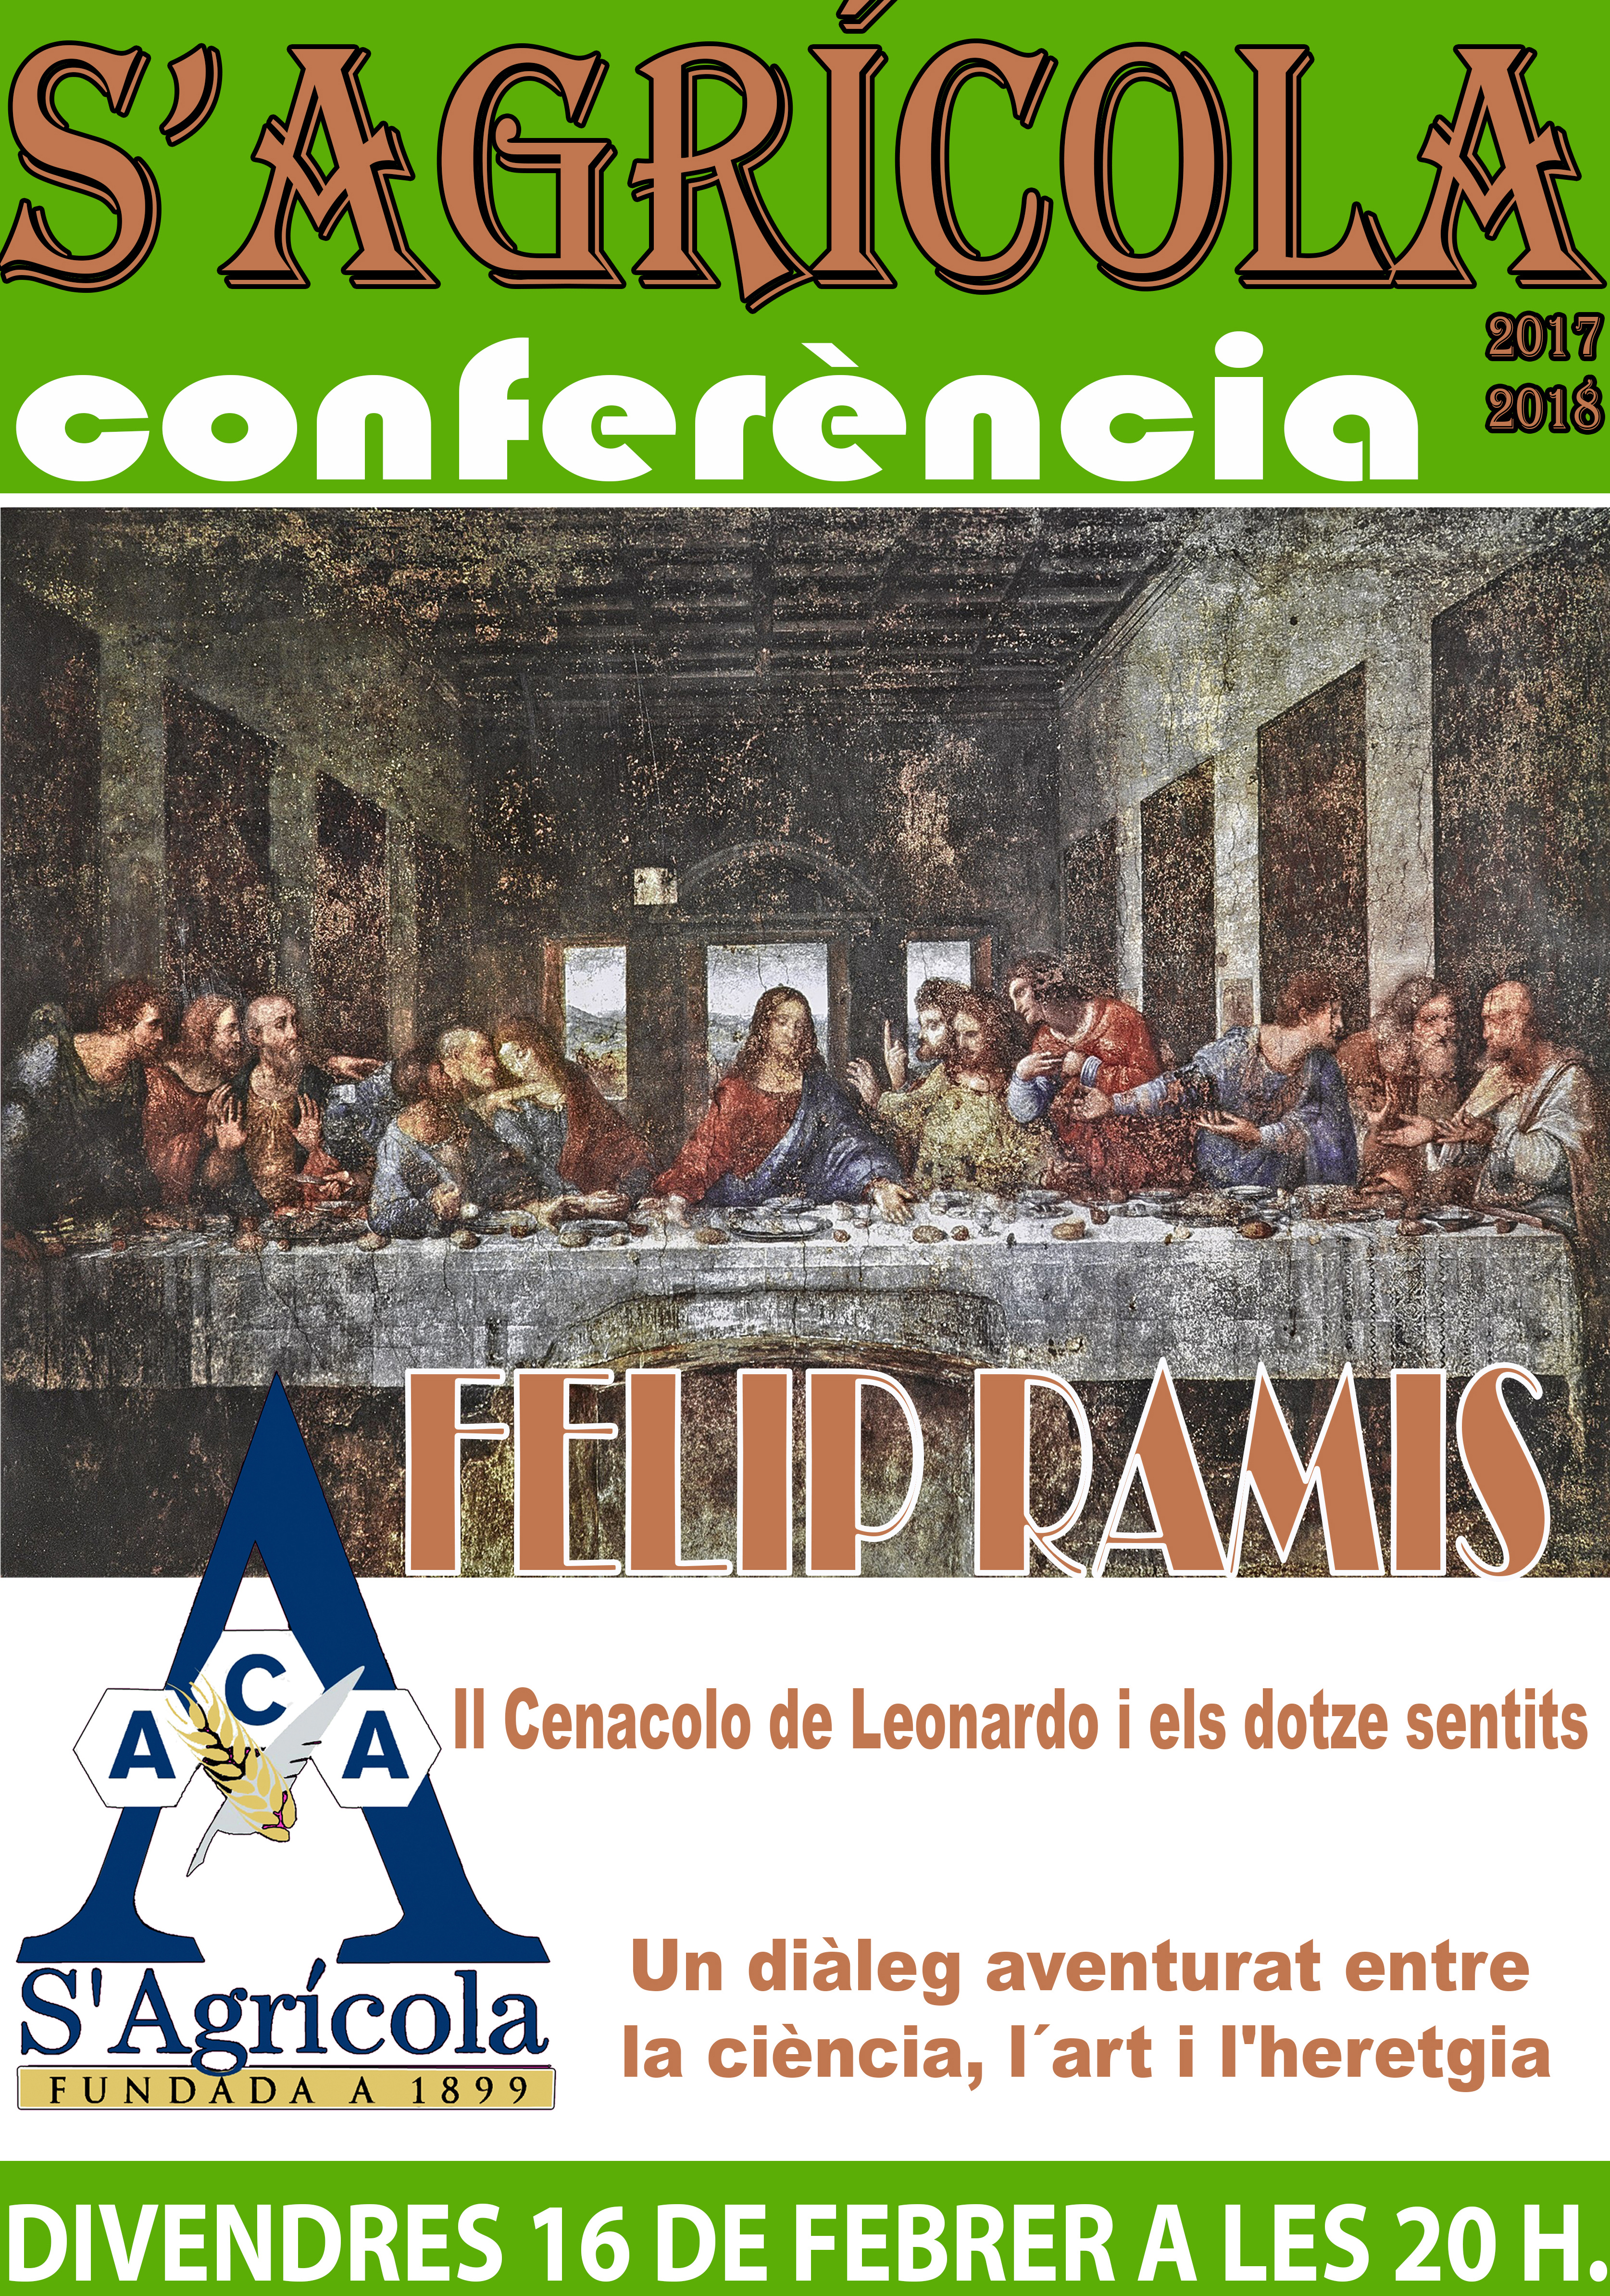 CONFERENCIA FELIP RAMIS